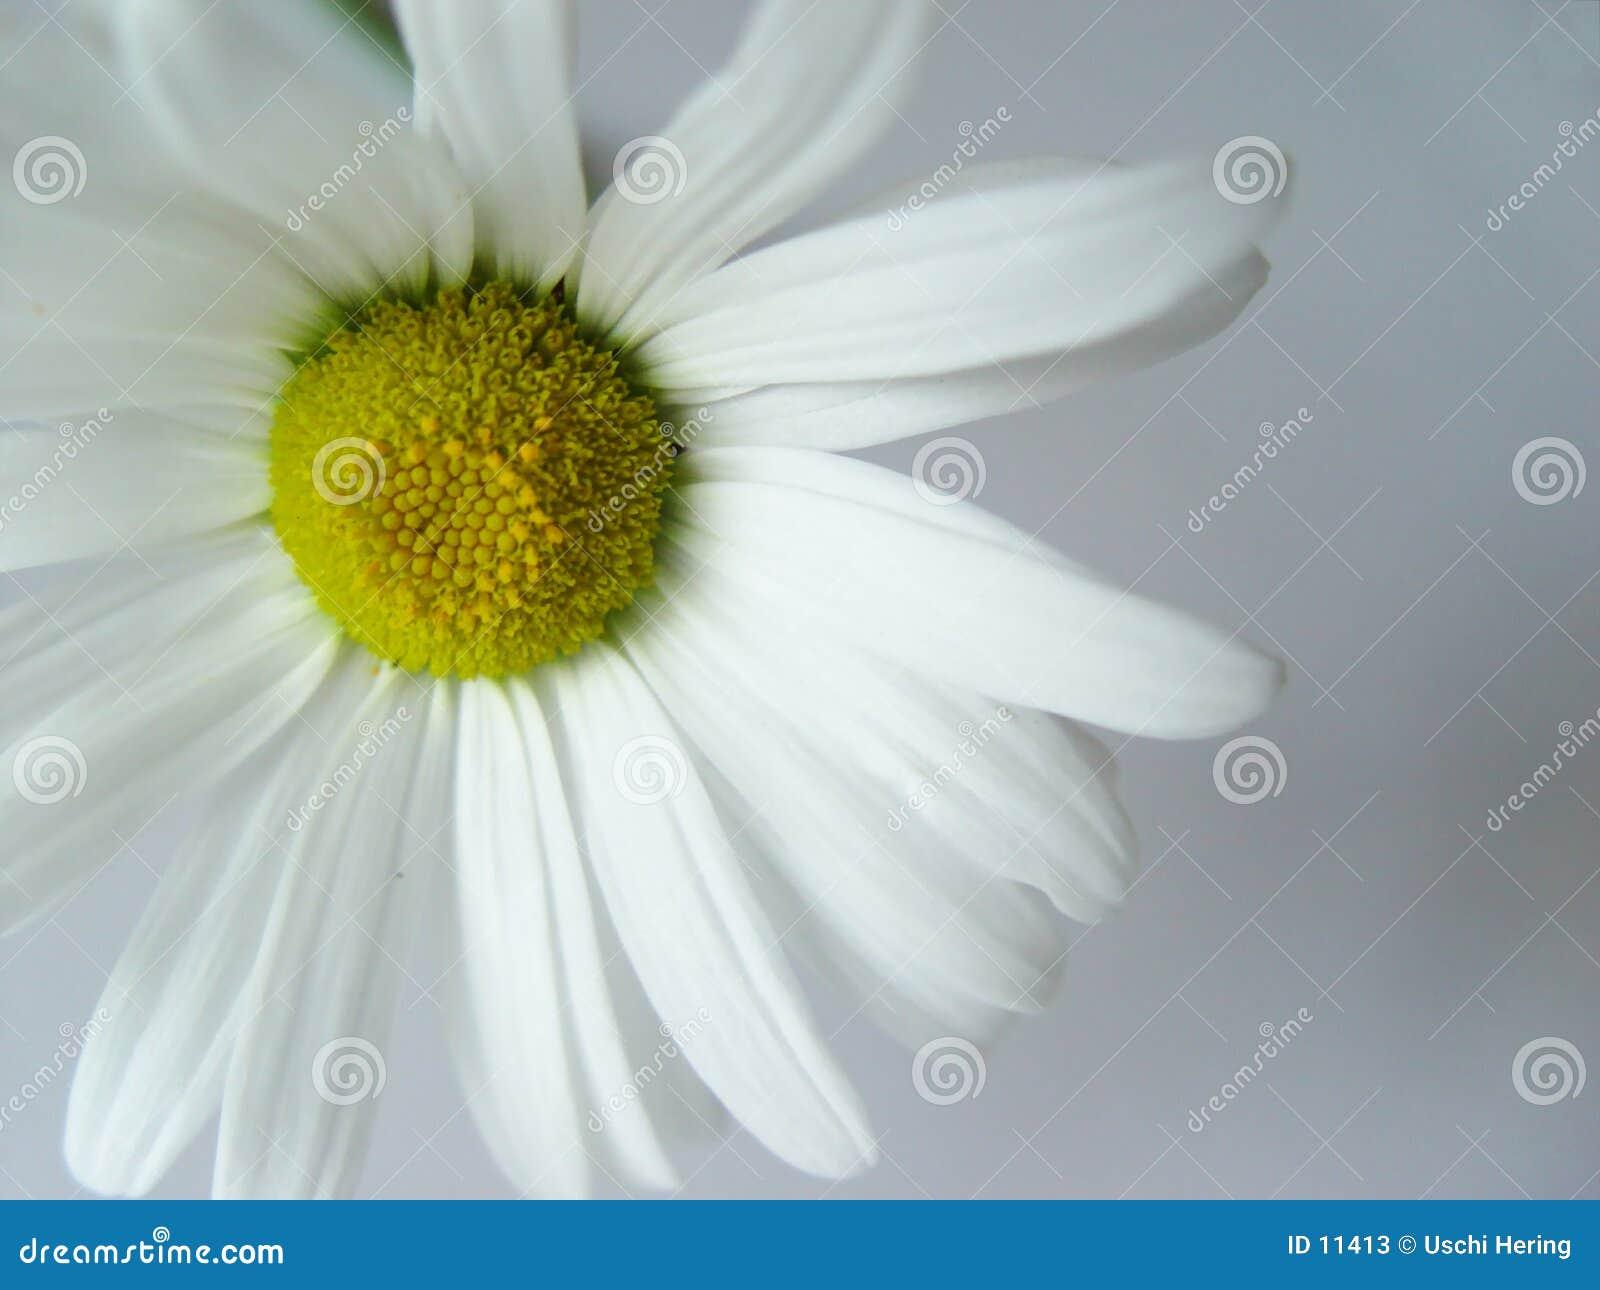 Lata daisy white